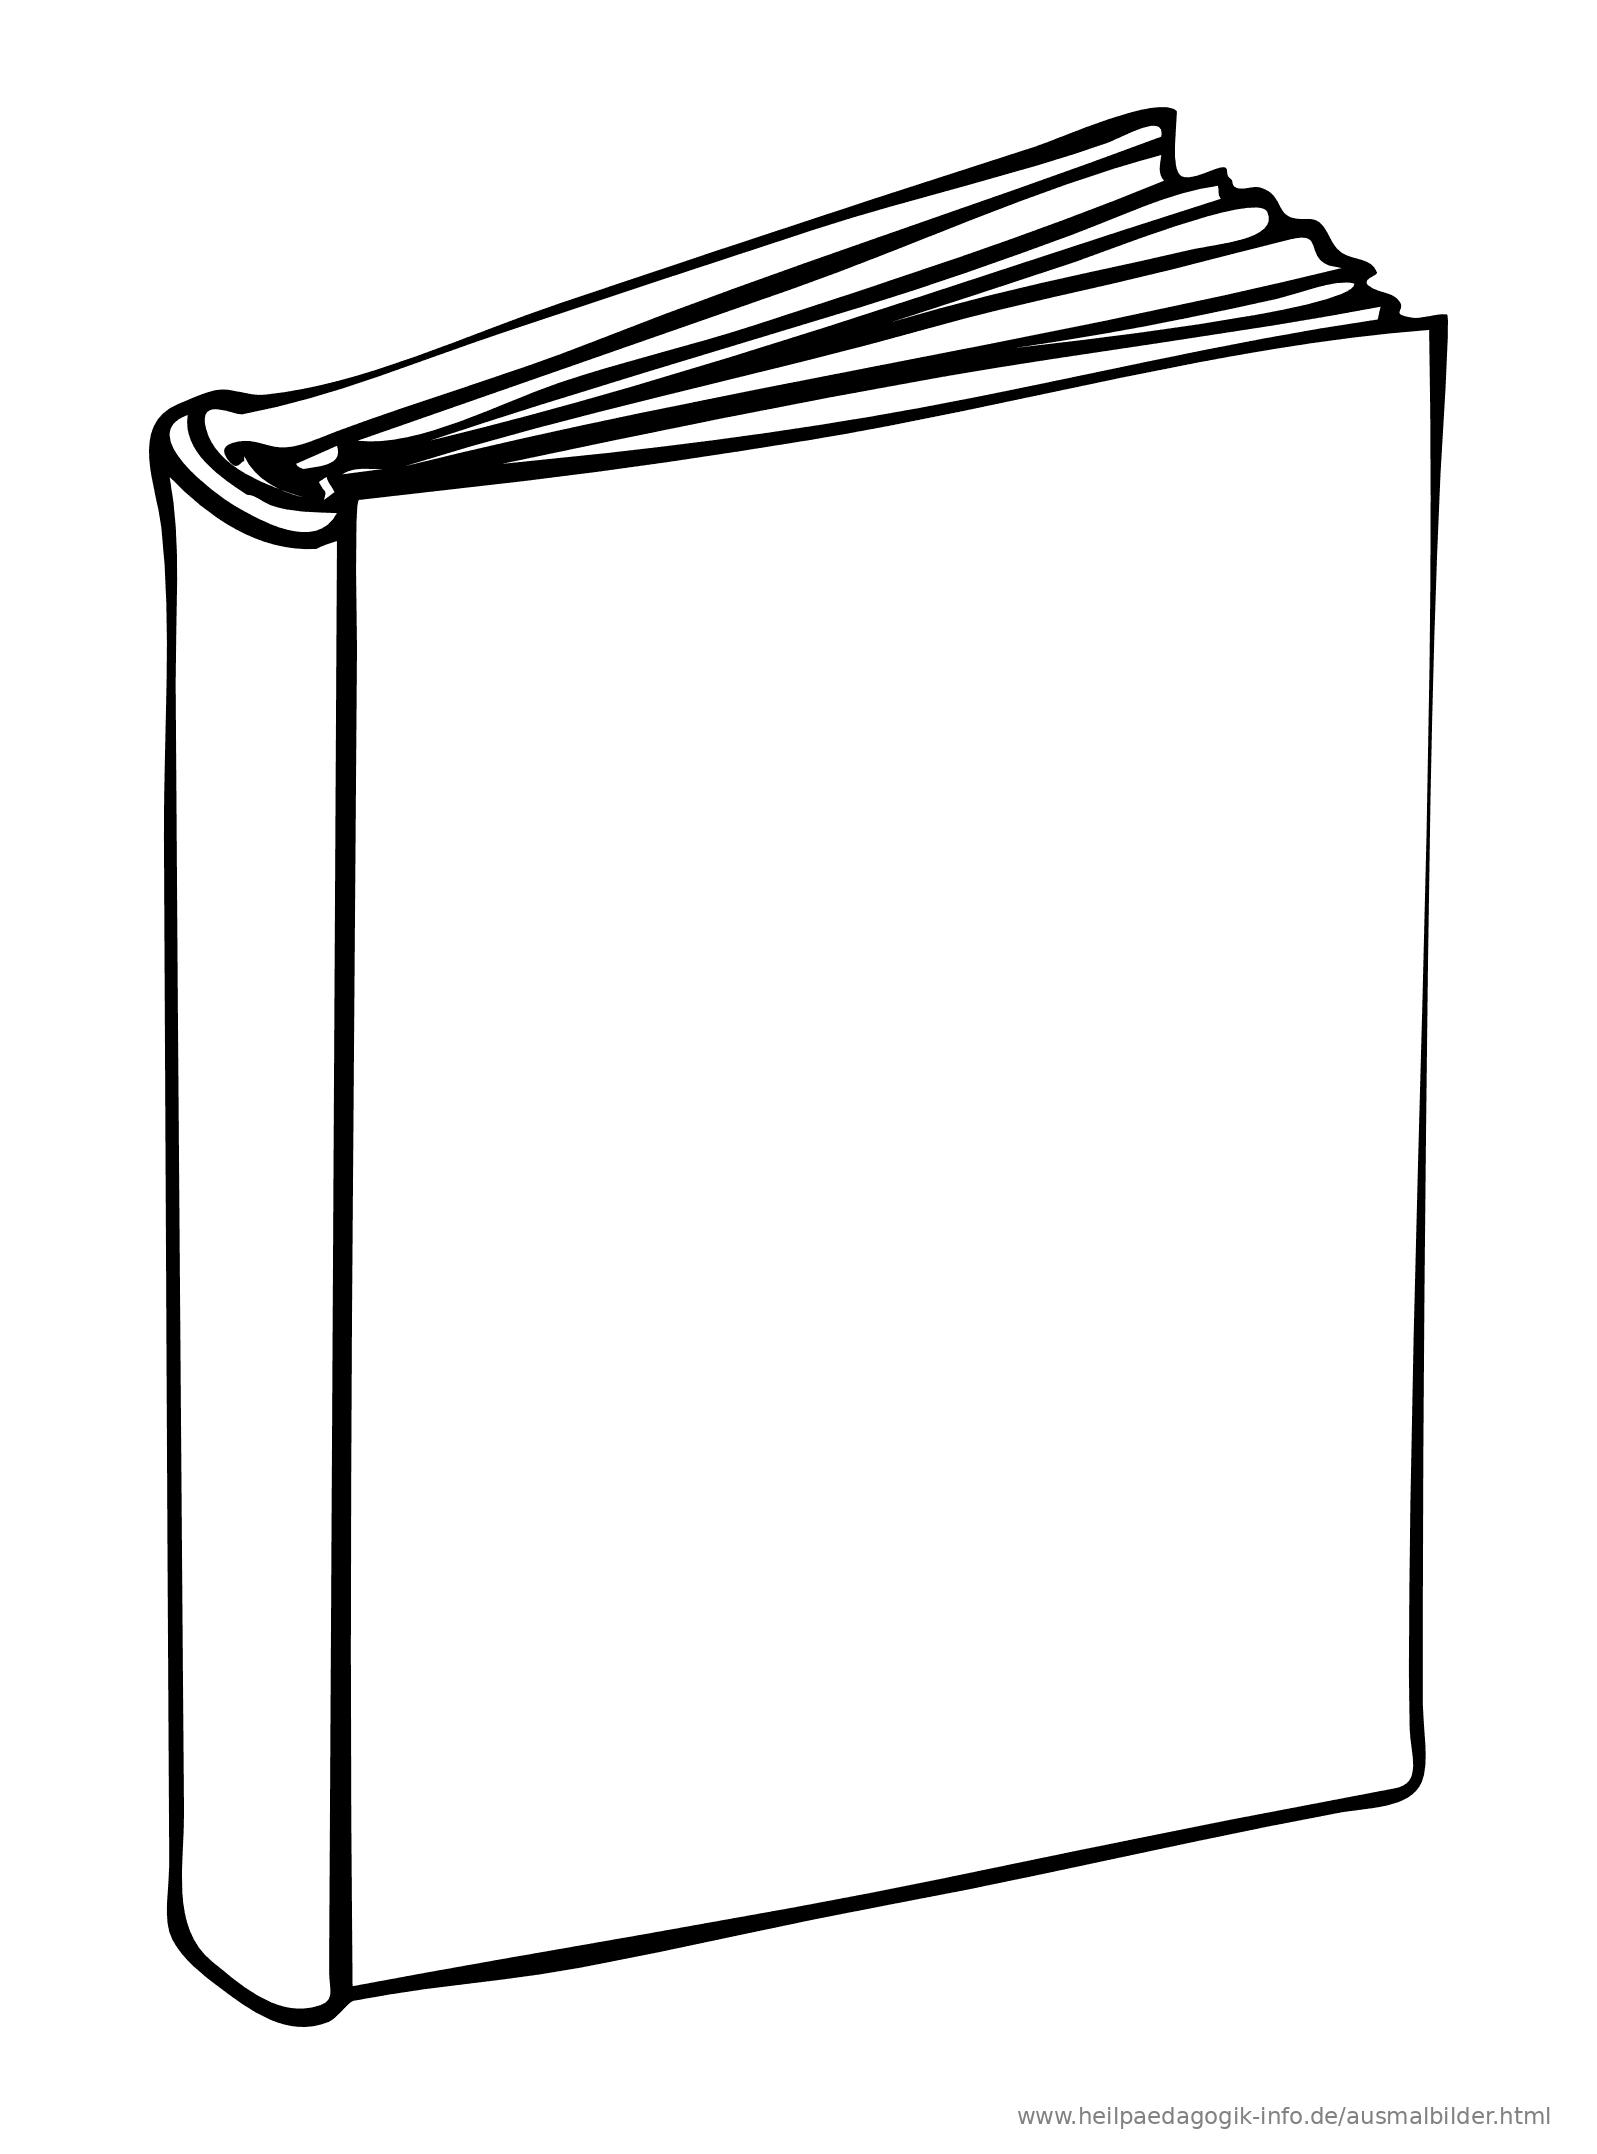 Fantastisch Buch Malvorlagen Ideen - Beispielzusammenfassung Ideen ...